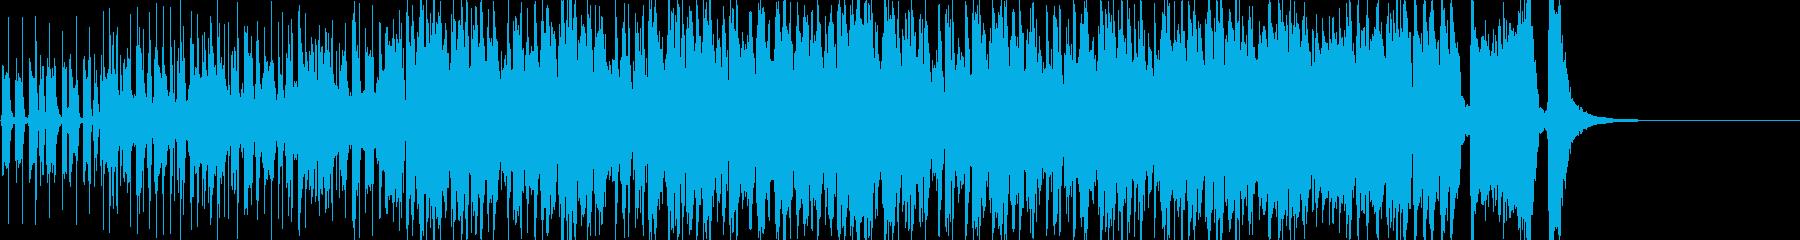 ノリノリなジャズ-短縮版-の再生済みの波形